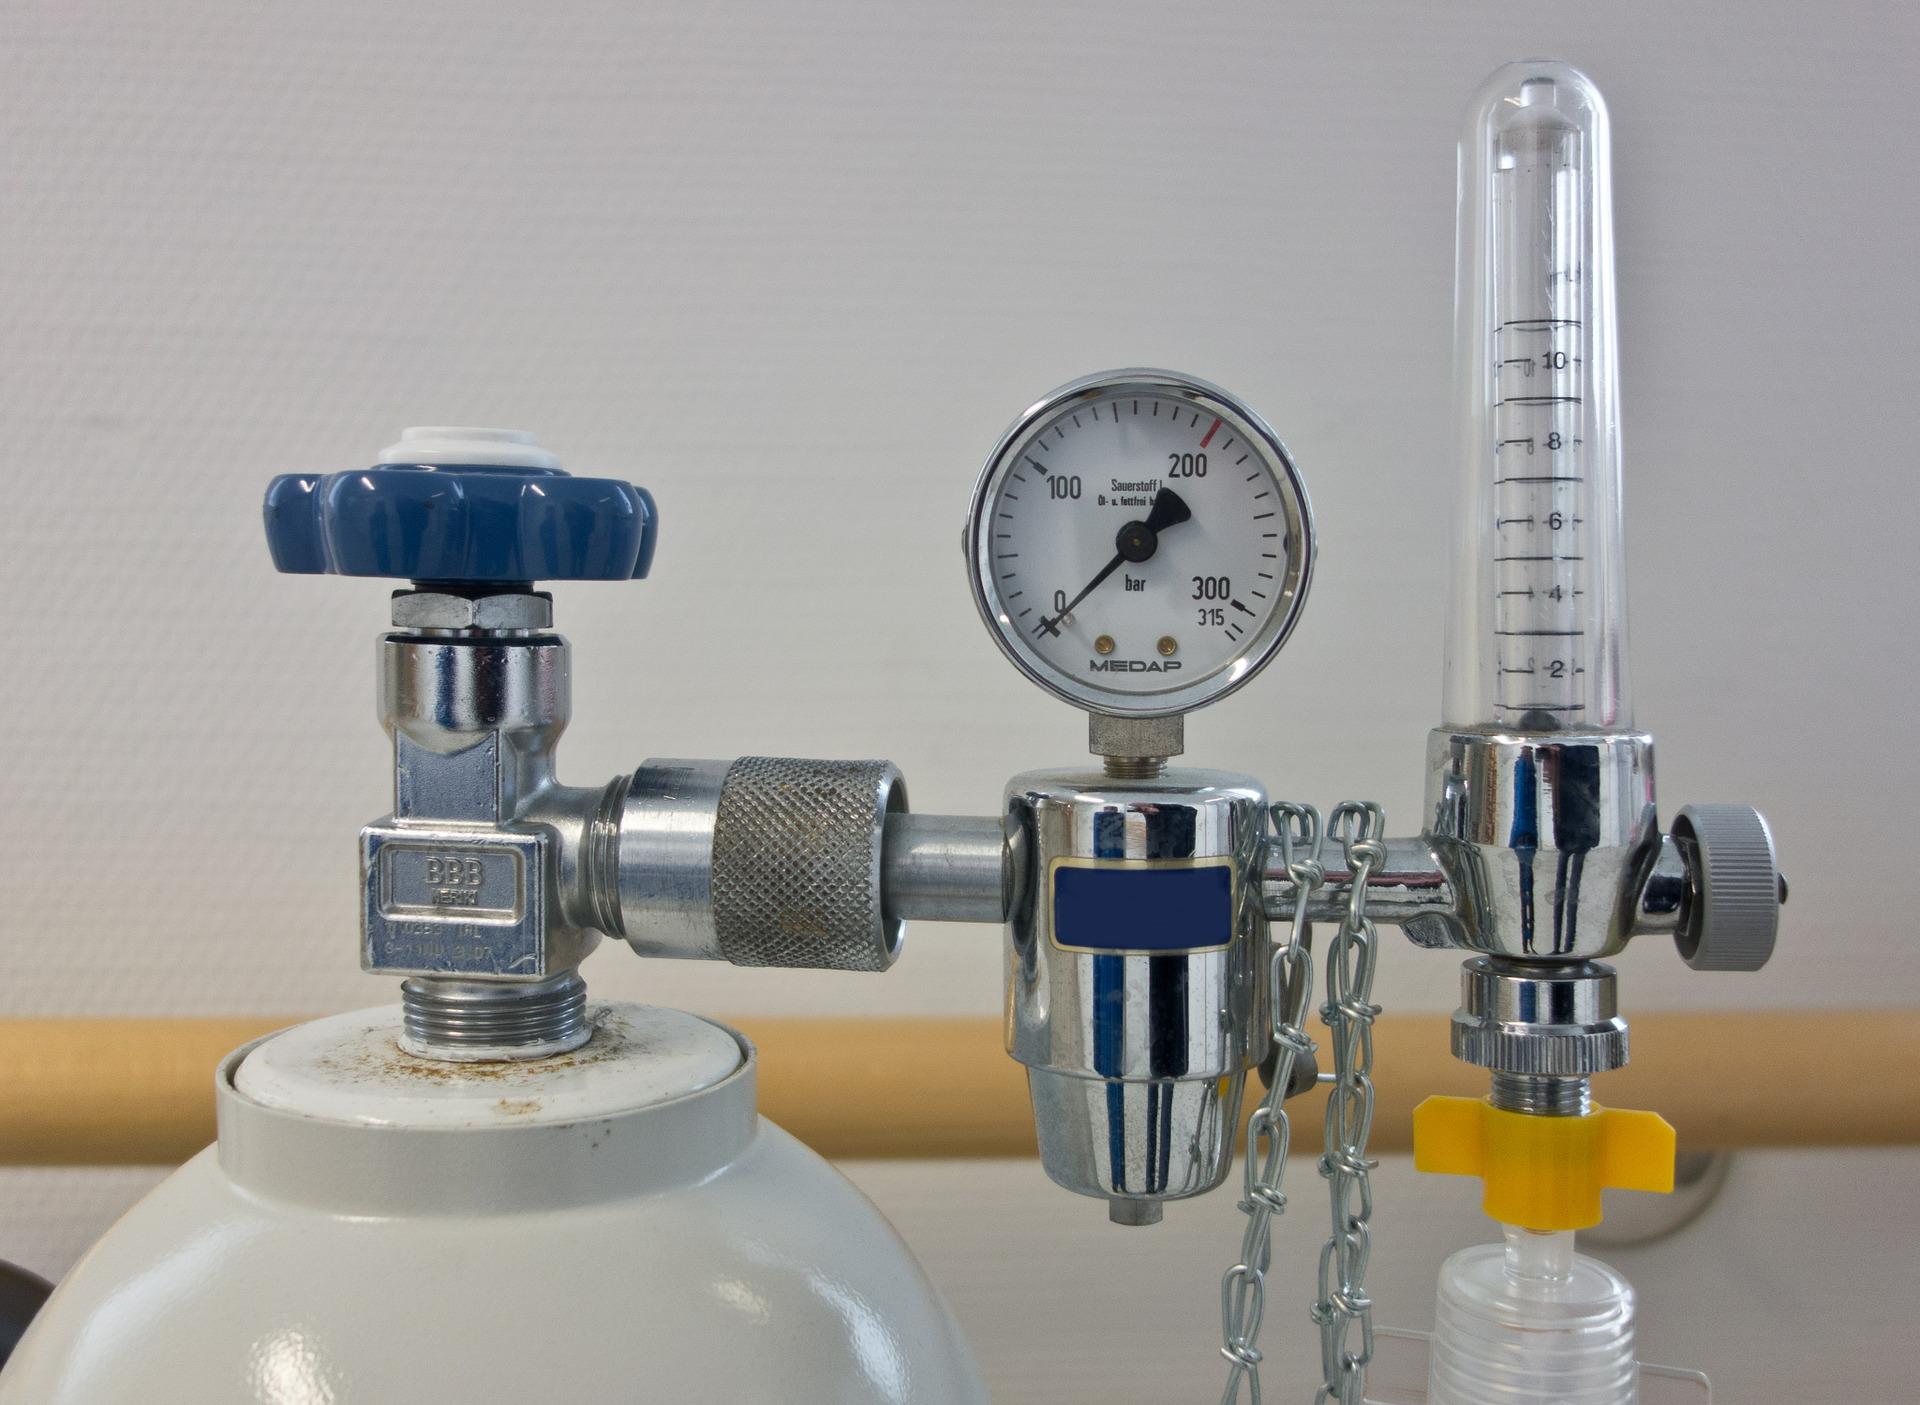 高圧ガス容器と配管設備の医療ガスの識別区分について